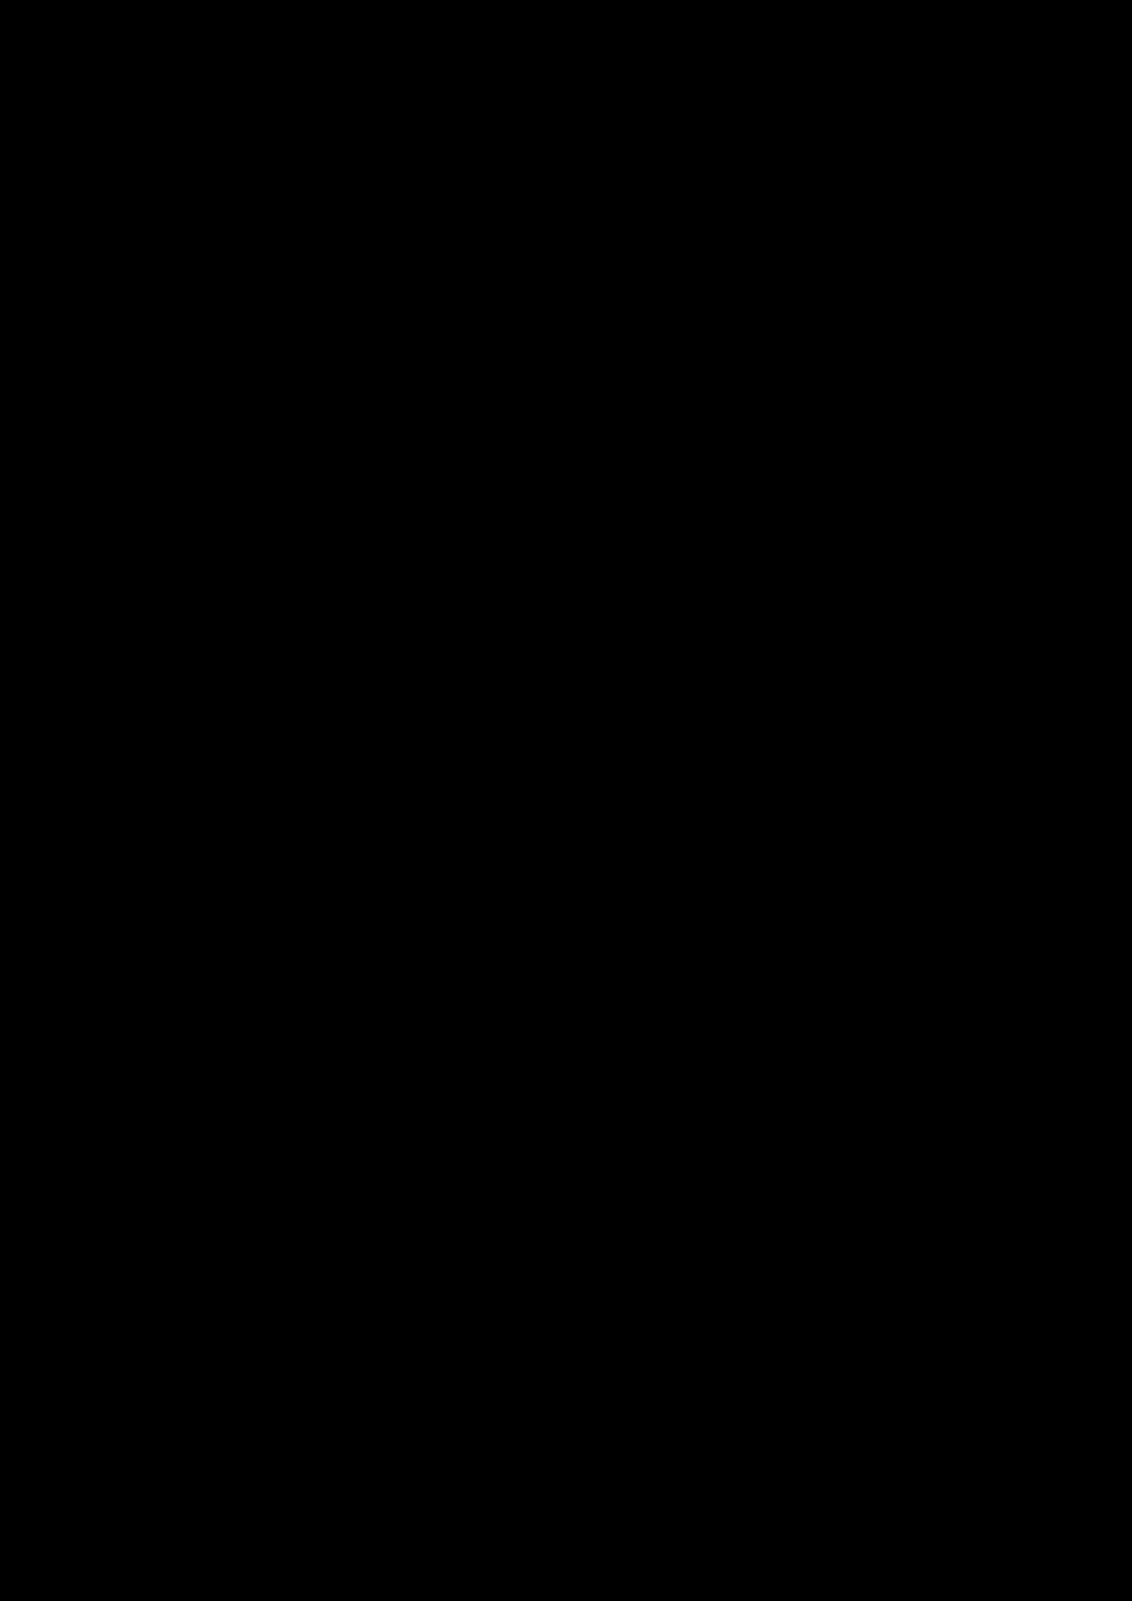 Vyibor Est slide, Image 5